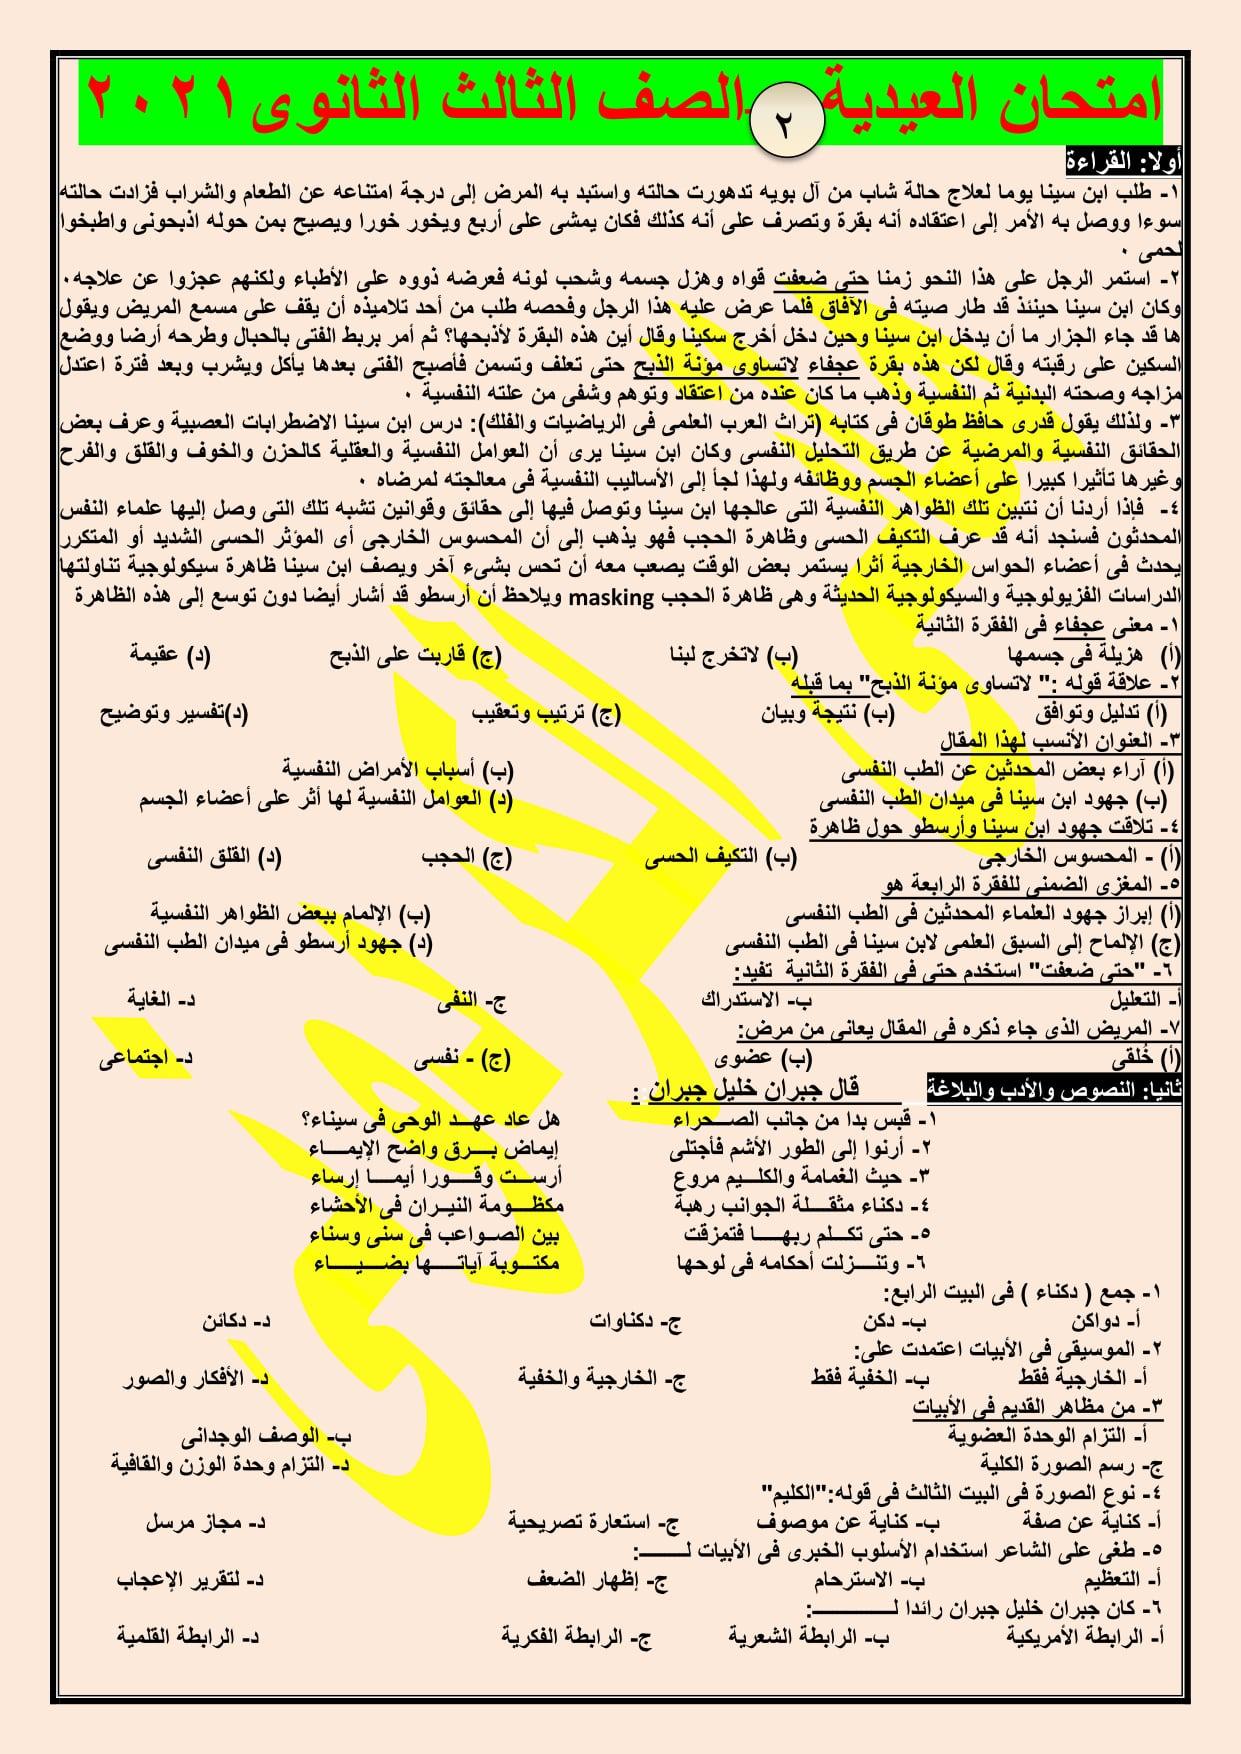 2 نموذج امتحان لغة عربية مجاب للصف الثالث الثانوي 2021 أ/ هاني الكردوني 14